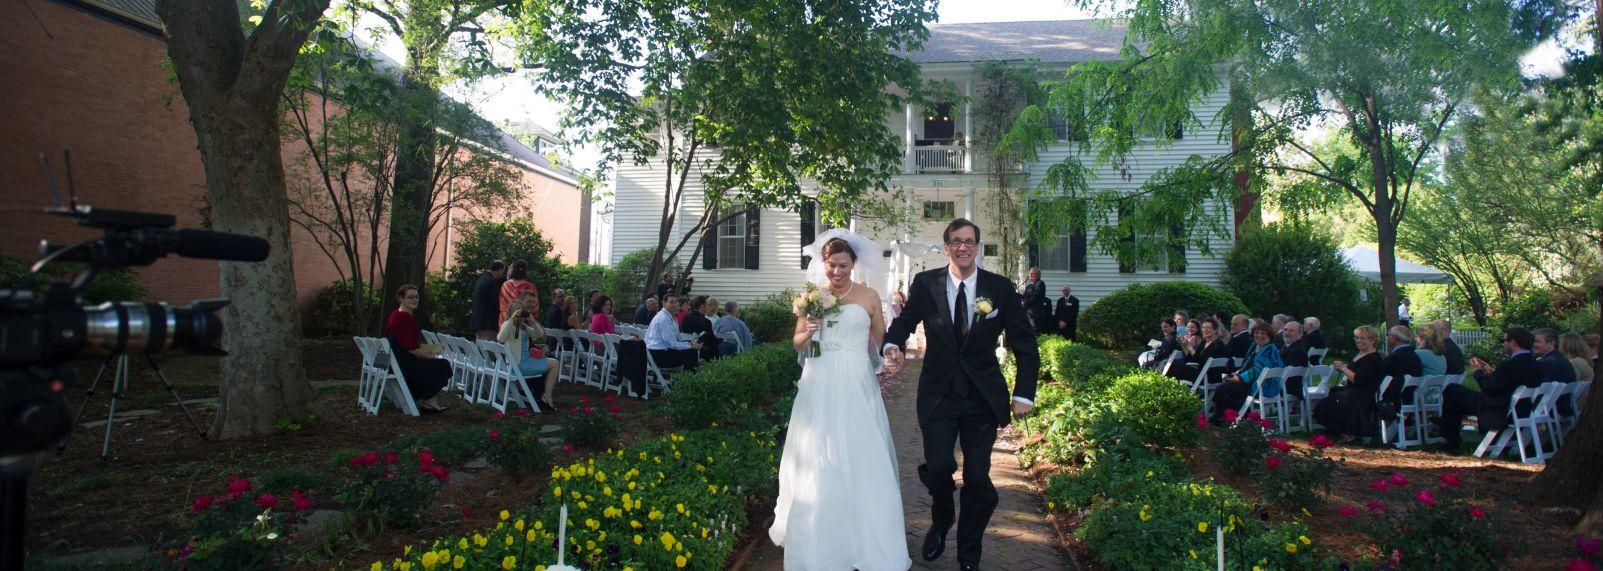 Wedding at Haywood Hall